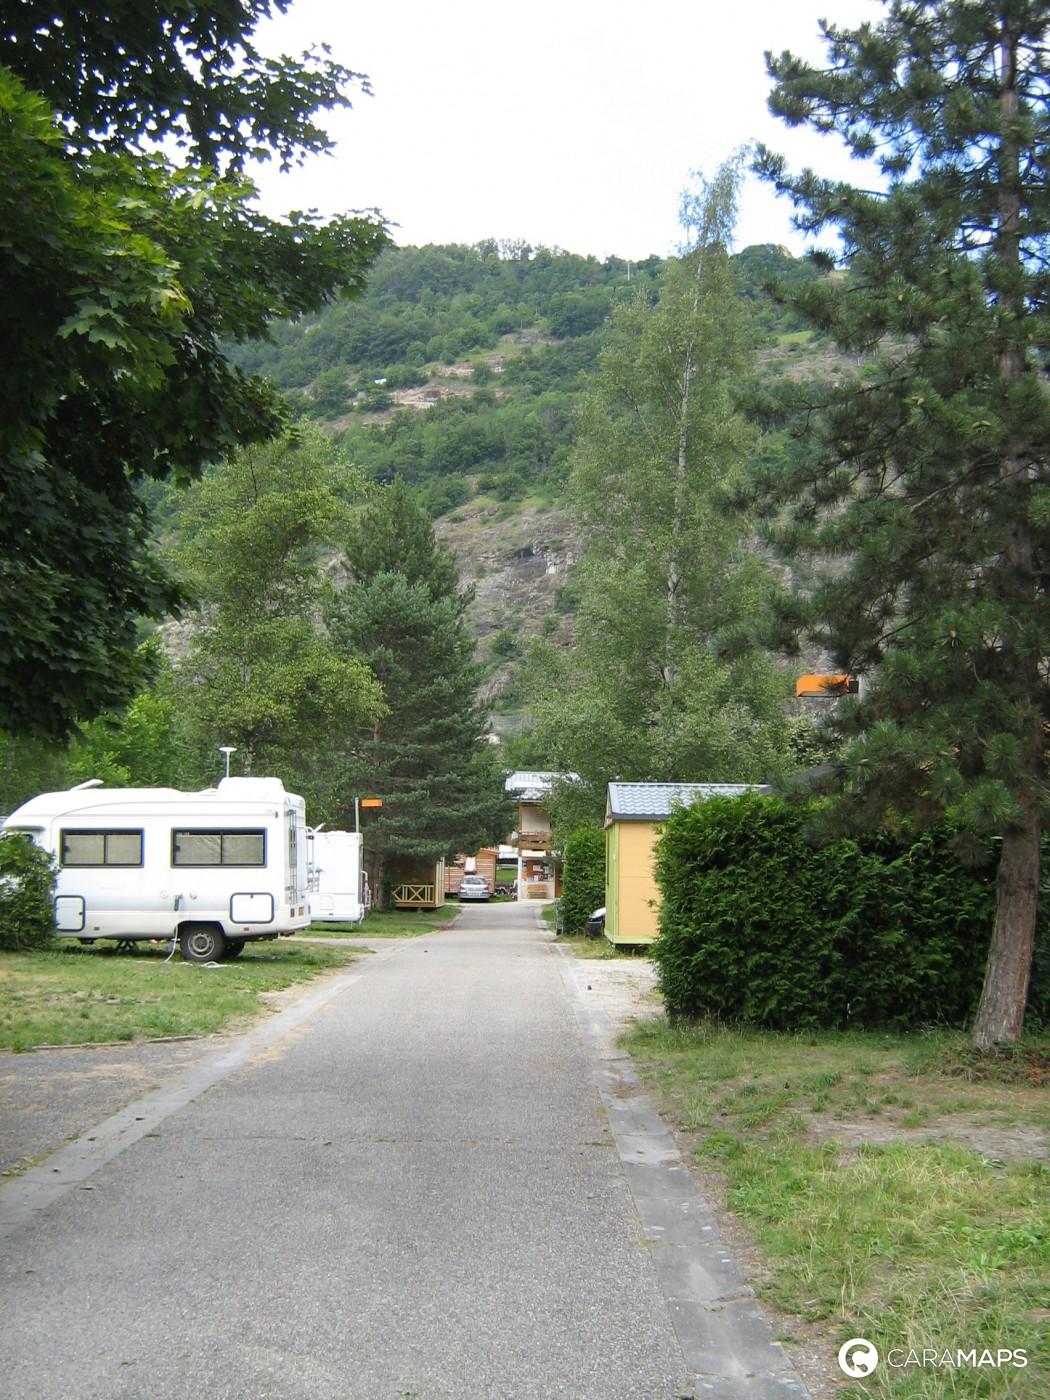 D couvrez la cascade une tape caramaps for Camping la piscine bourg oisans